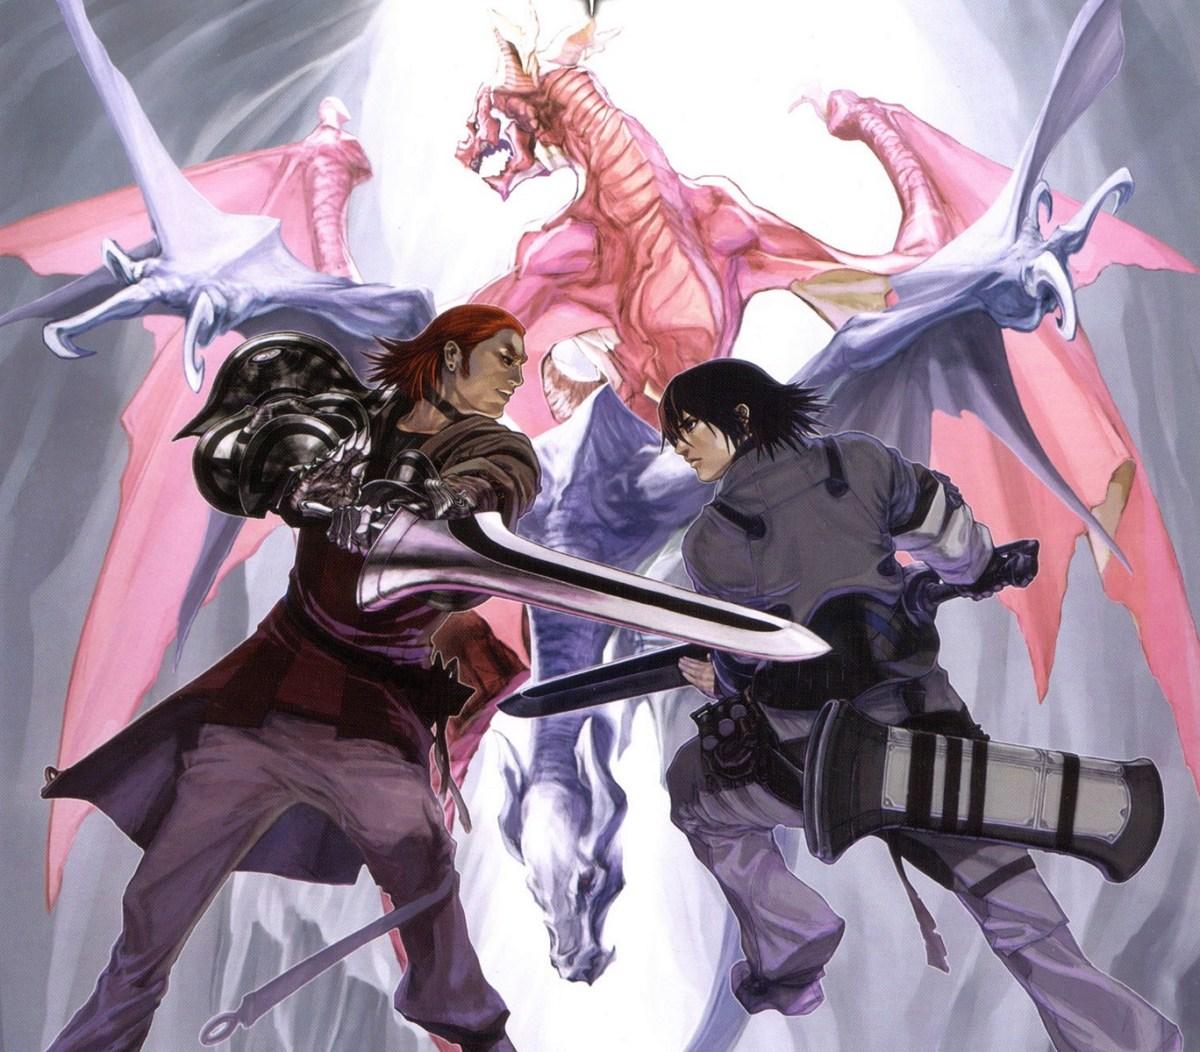 The Genius of Drakengard and Nier